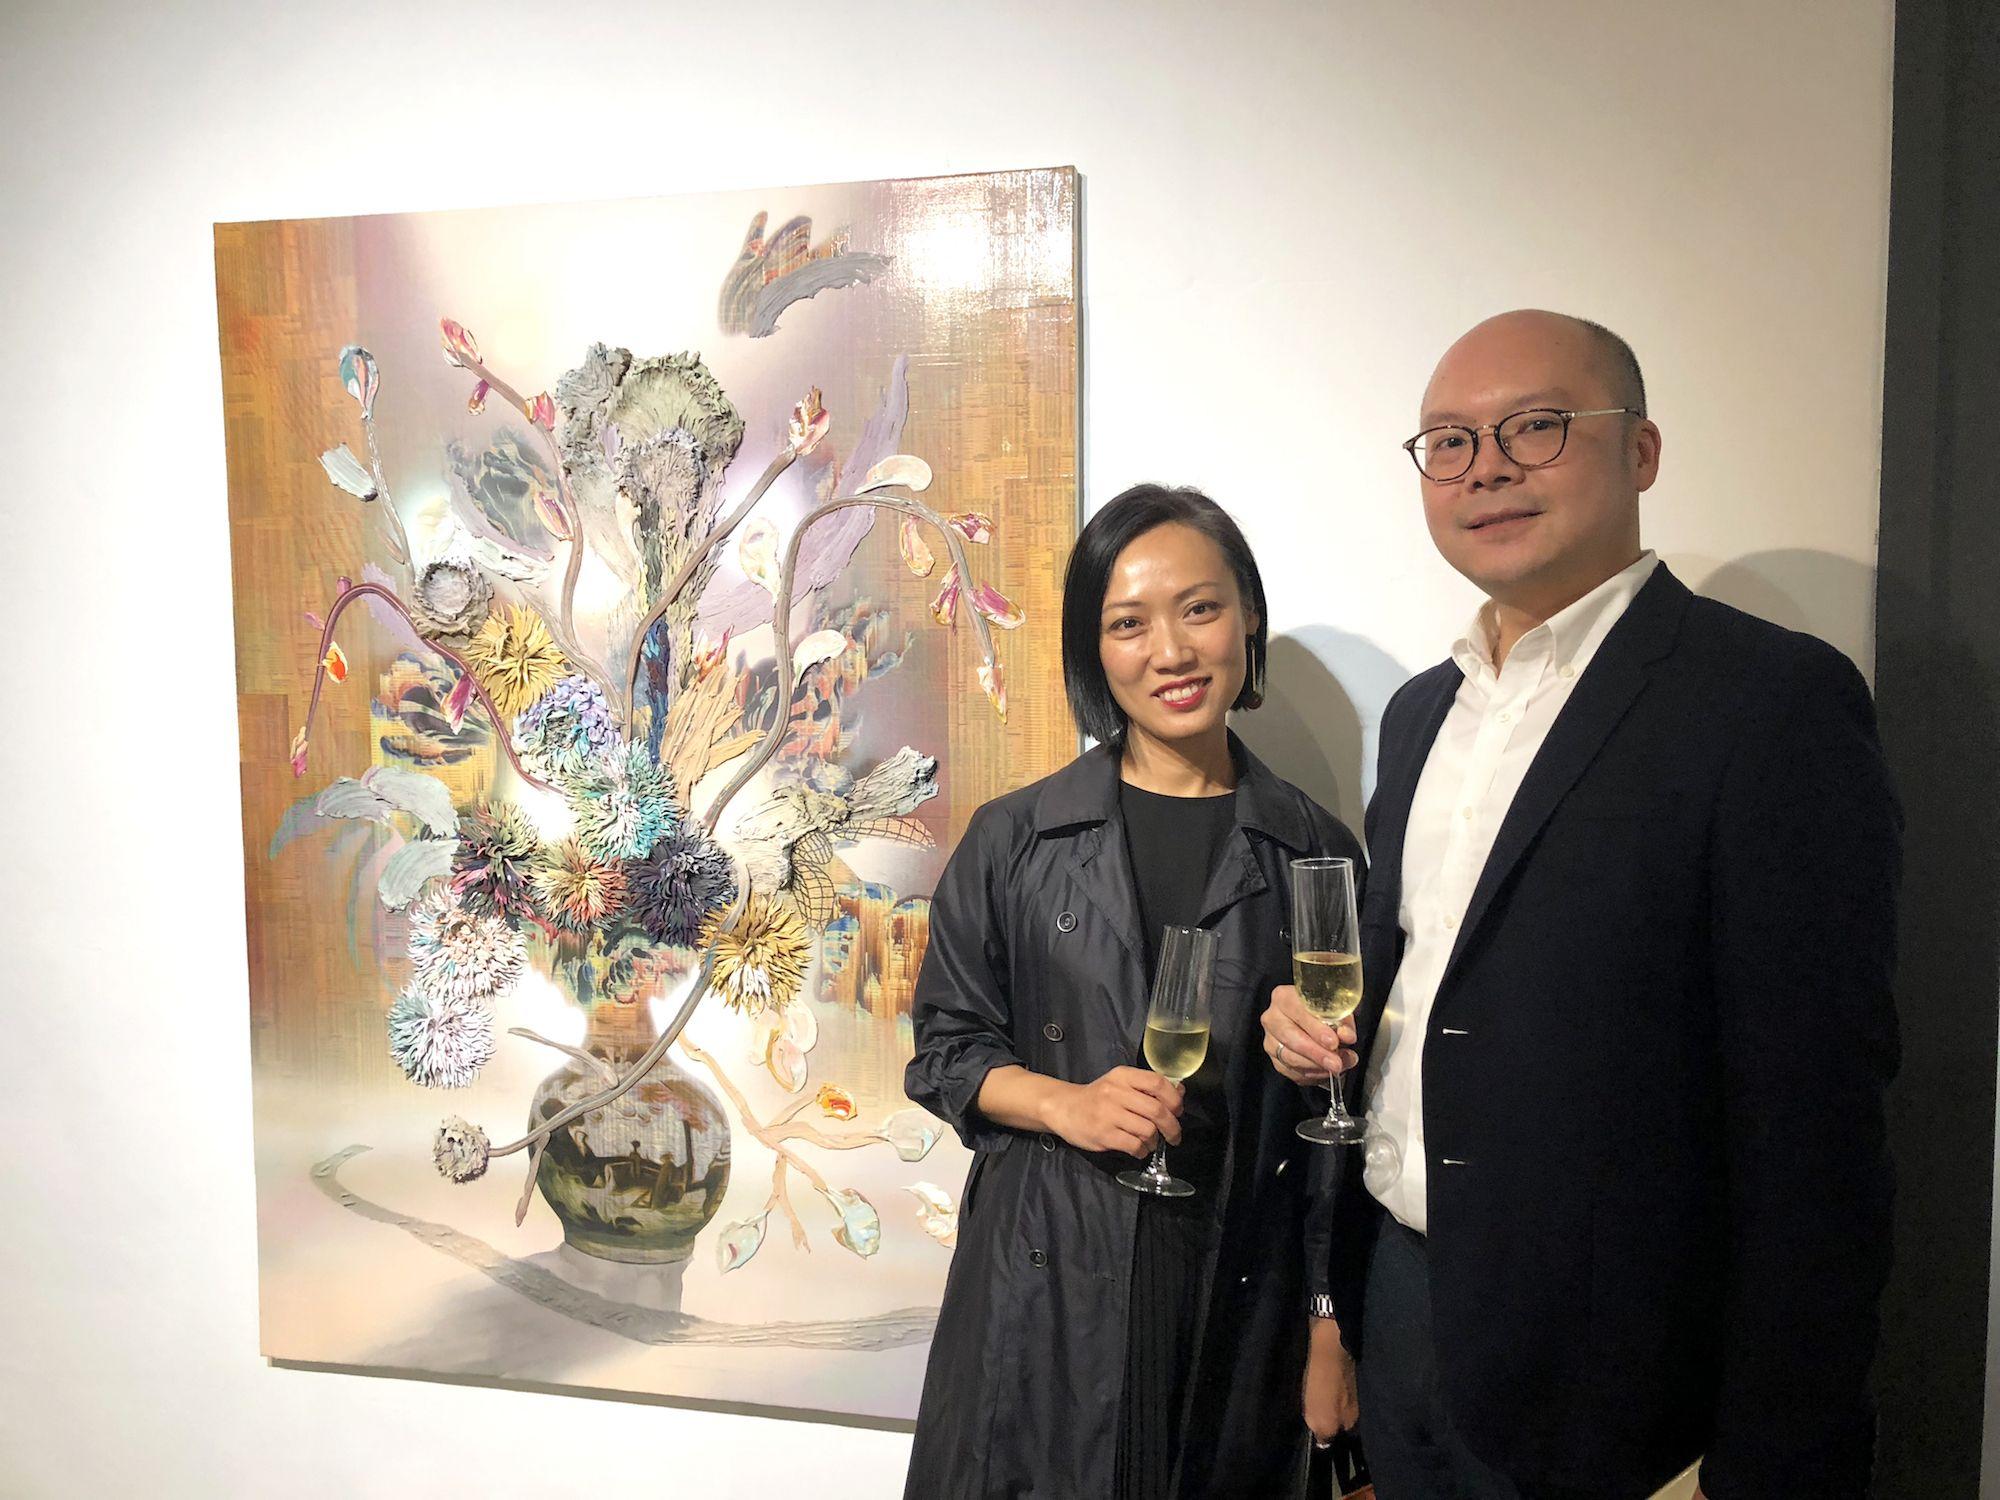 Ying Kwok, Hong Wong